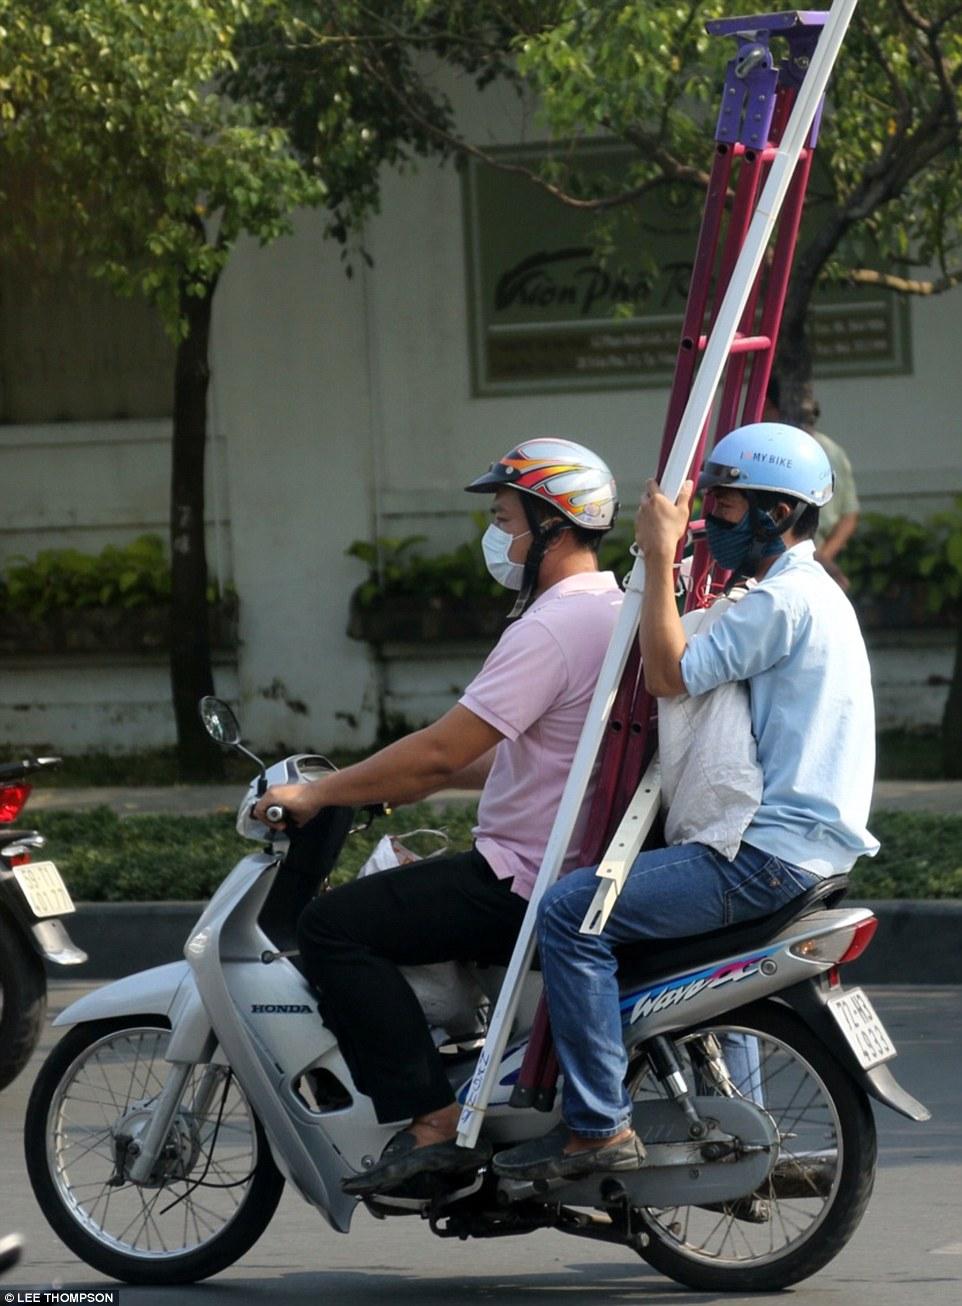 Cách sử dụng xe máy của Việt Nam khiến người nước ngoài sửng sốt 8